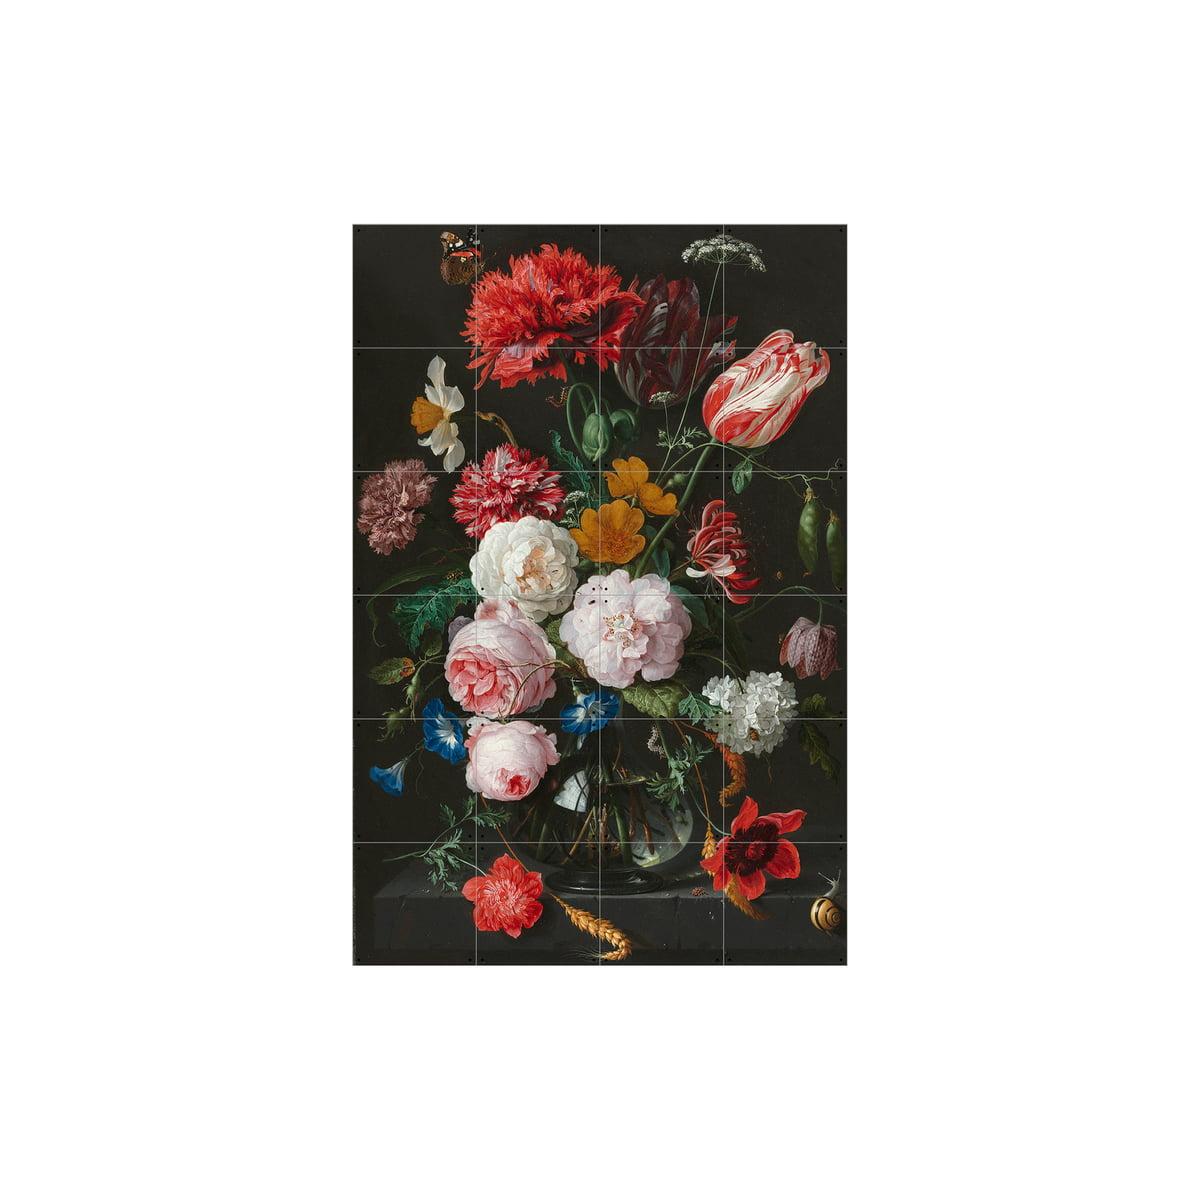 Blumenstillleben In Einer Glasvase (De Heem) Von IXXI In 80 X 120 Cm